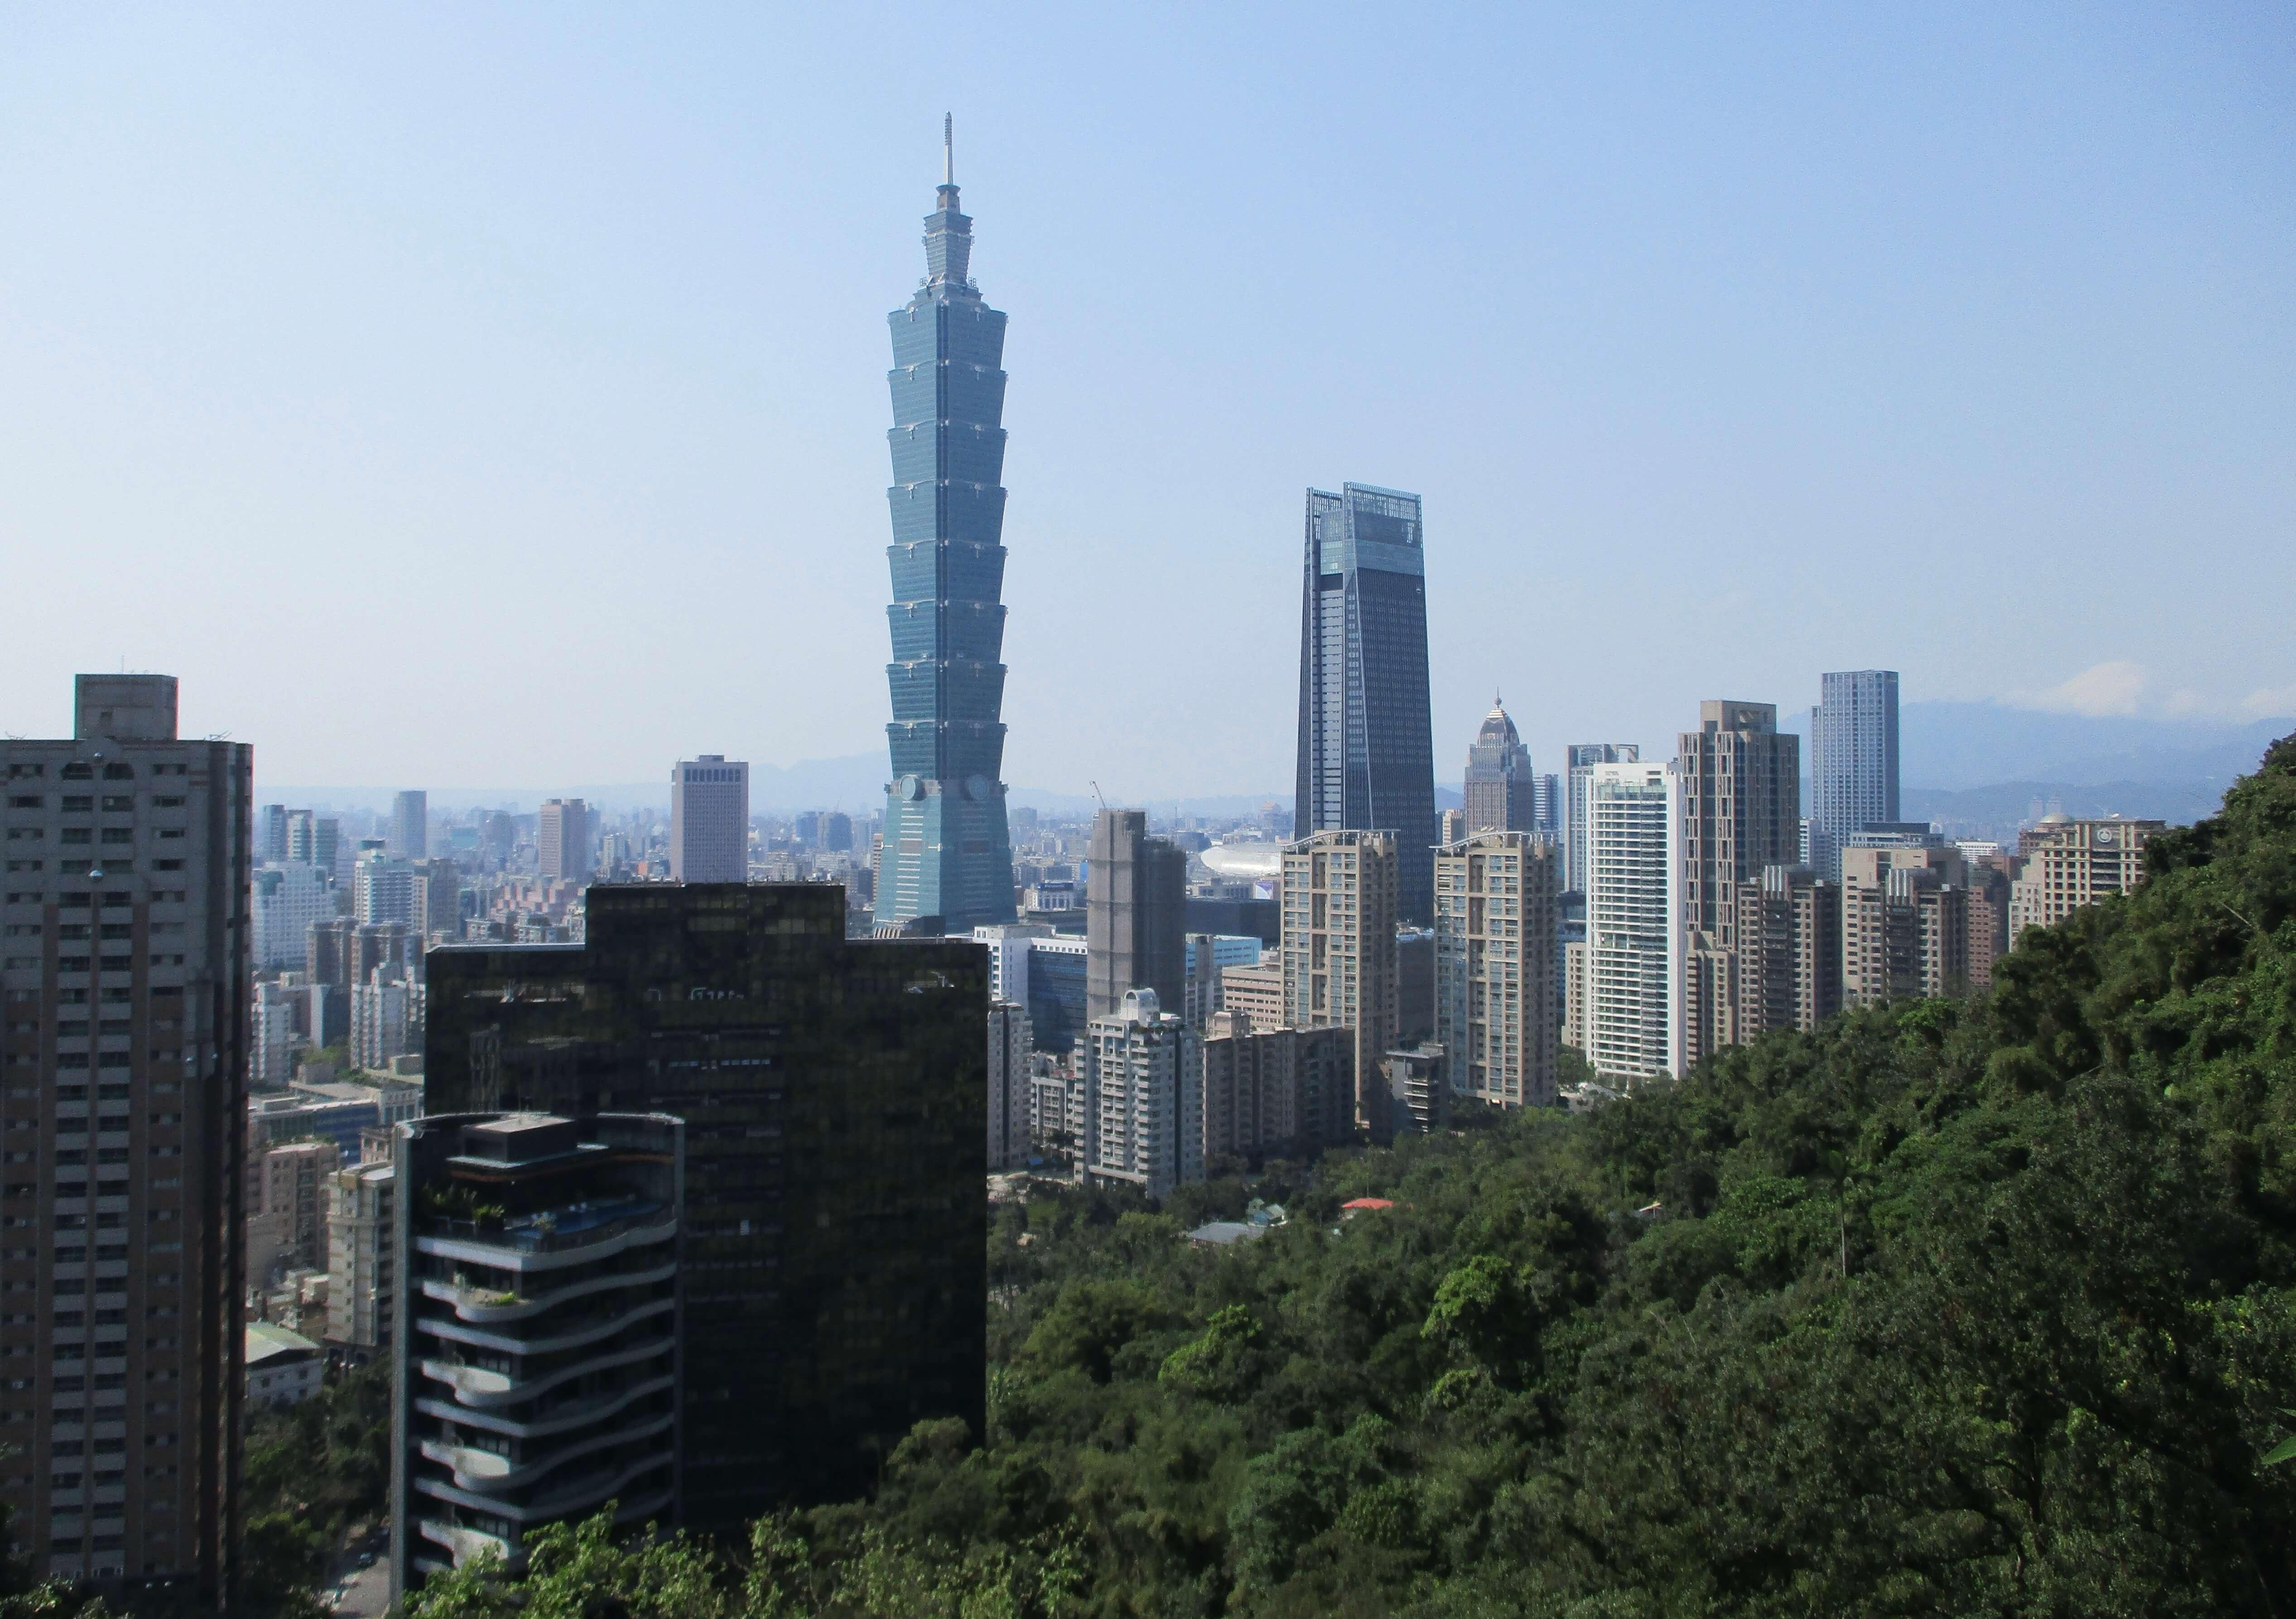 Taipei 101 & Nanshan Plaza seen from the Xiangshan hiking trail